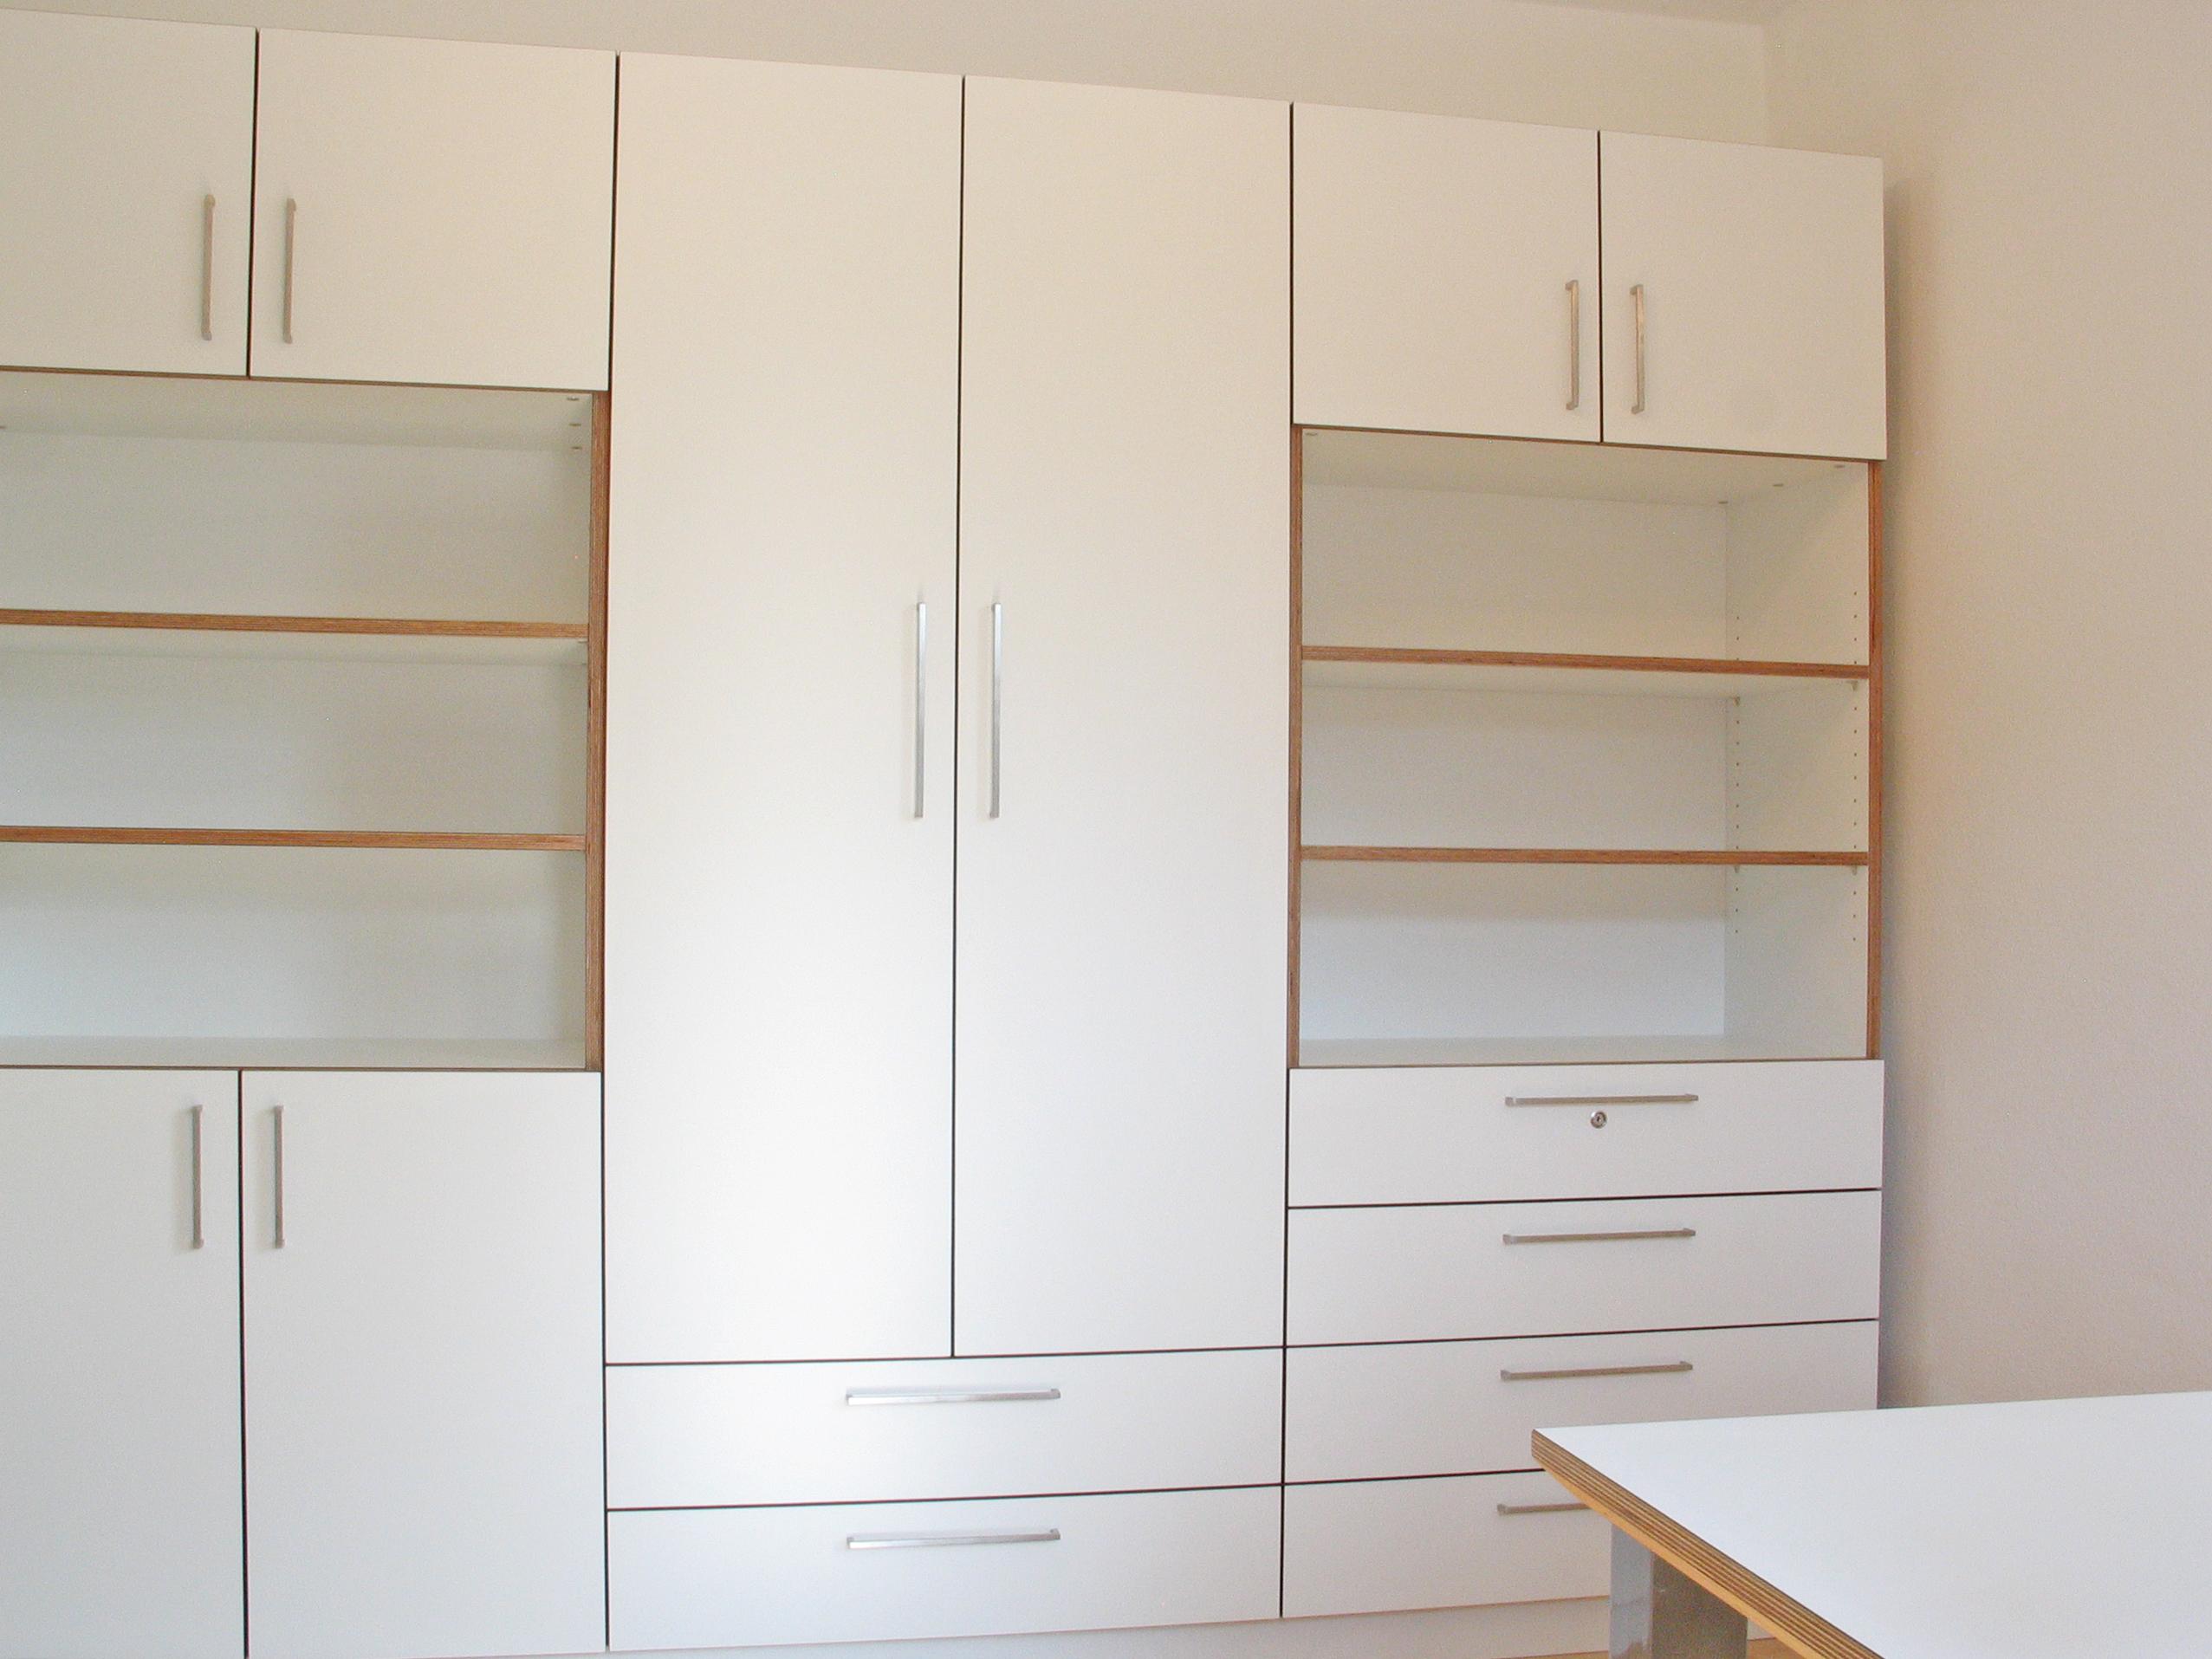 Jugendzimmer in Multiplex weiß